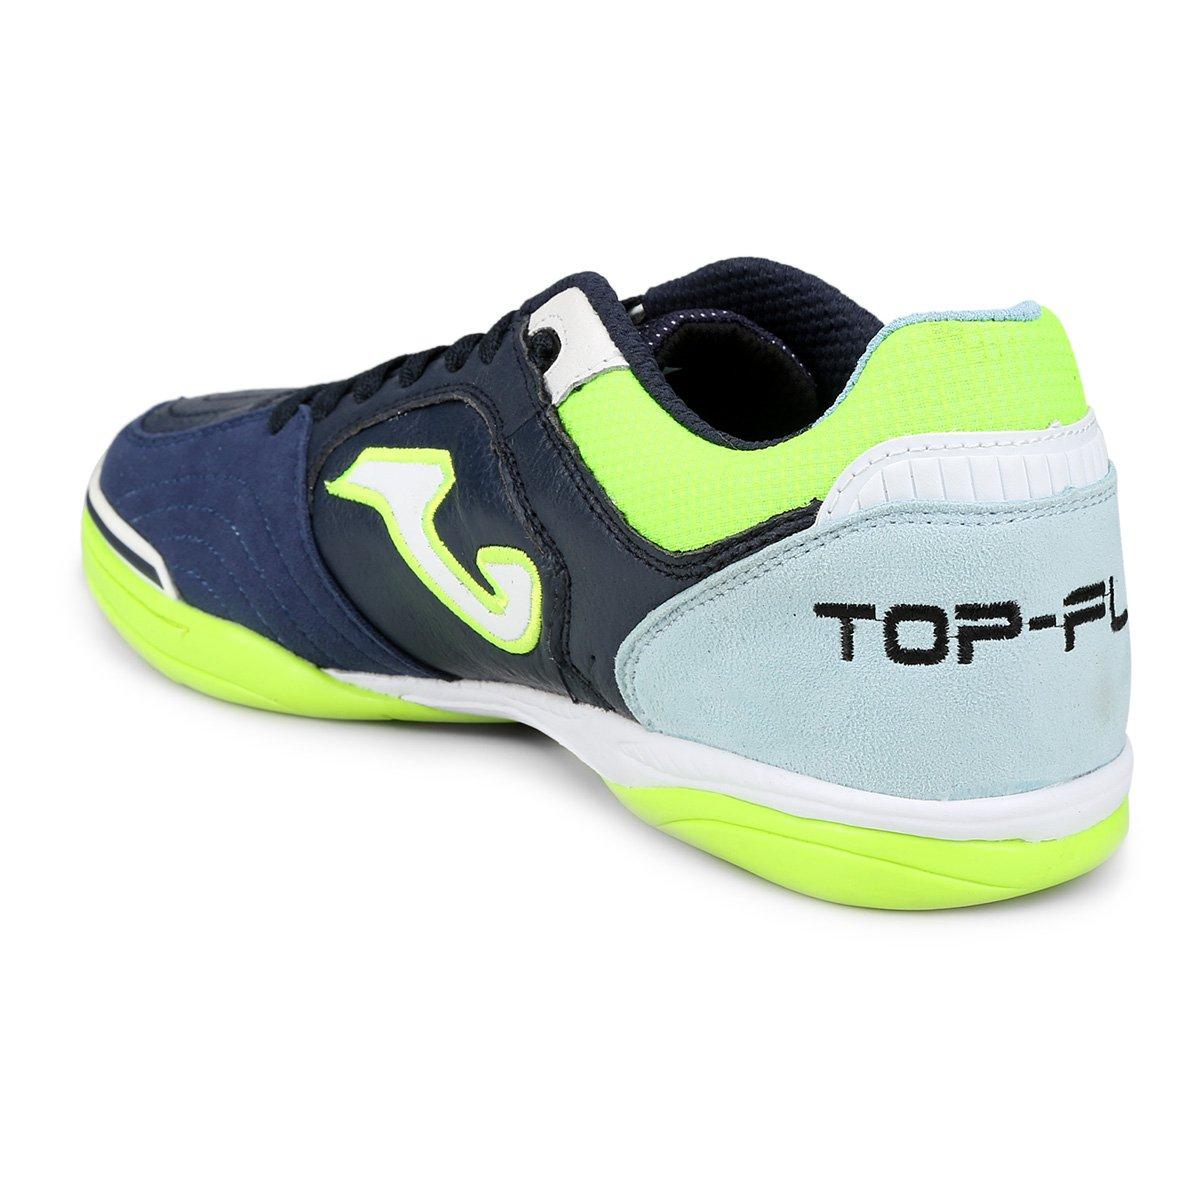 9636378045 Chuteira Futsal Joma Top Flex - Compre Agora